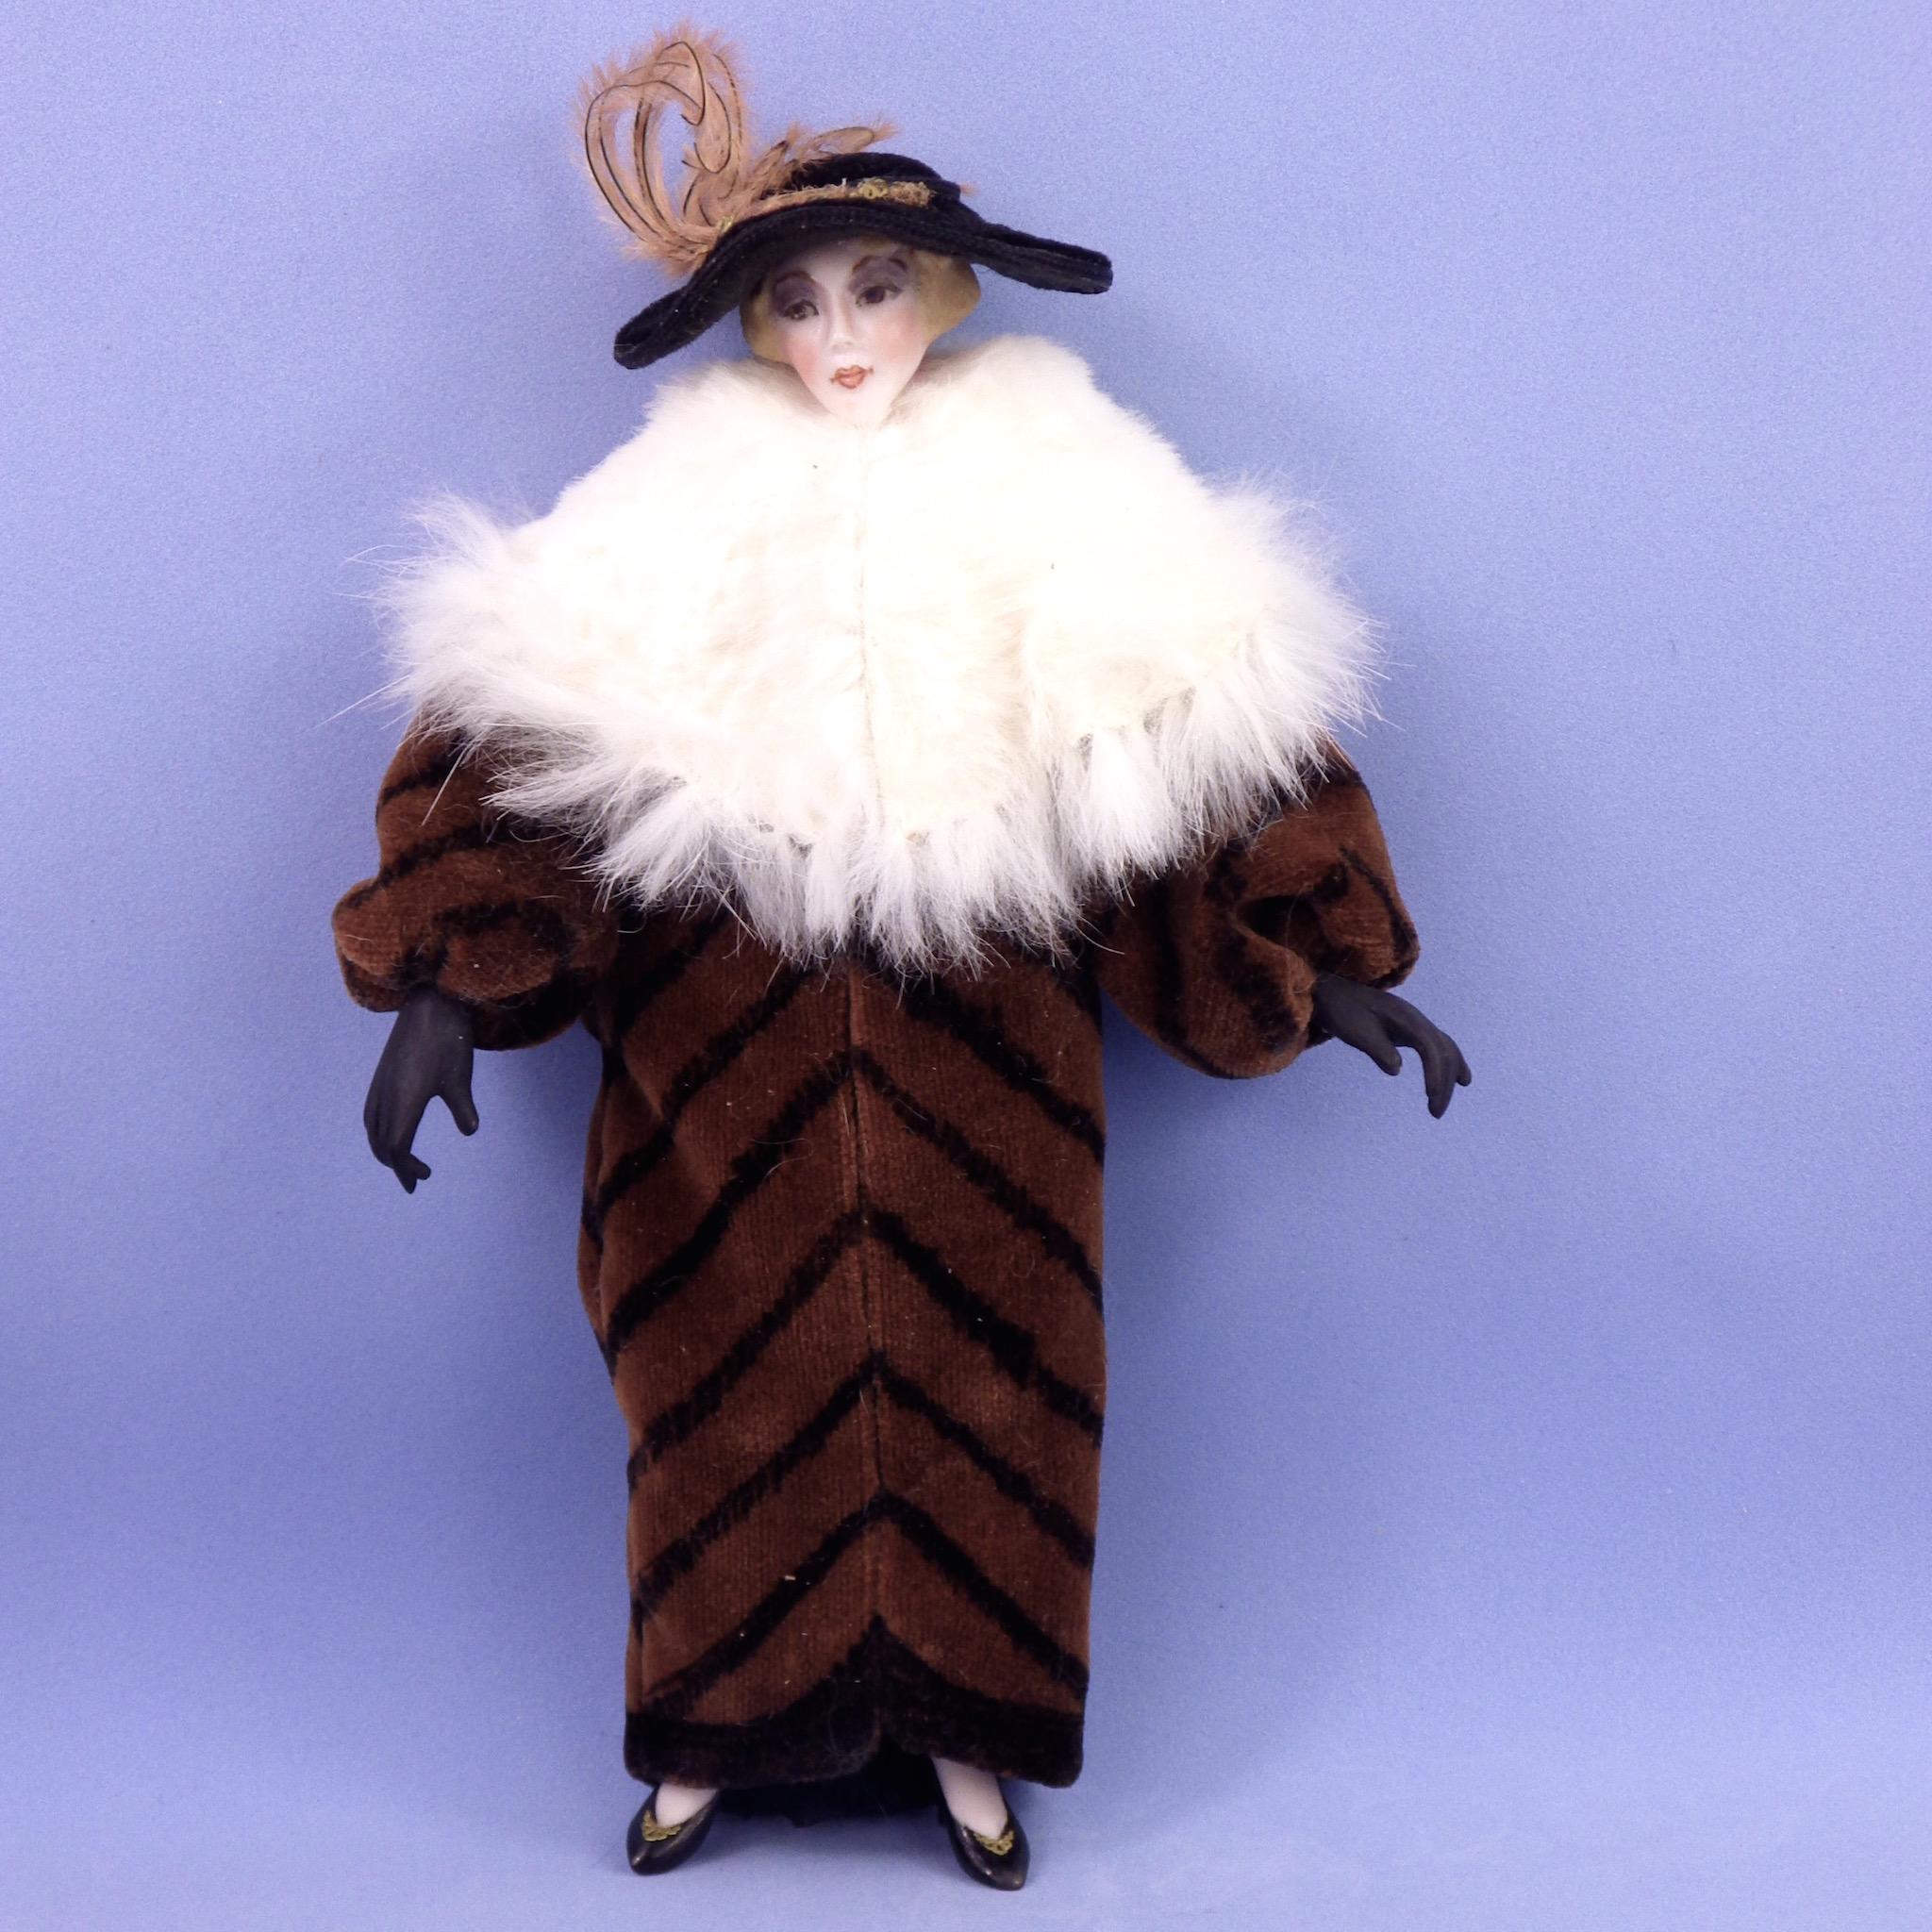 Stunning Artist Dollhouse Doll of Elegant Edwardian Woman